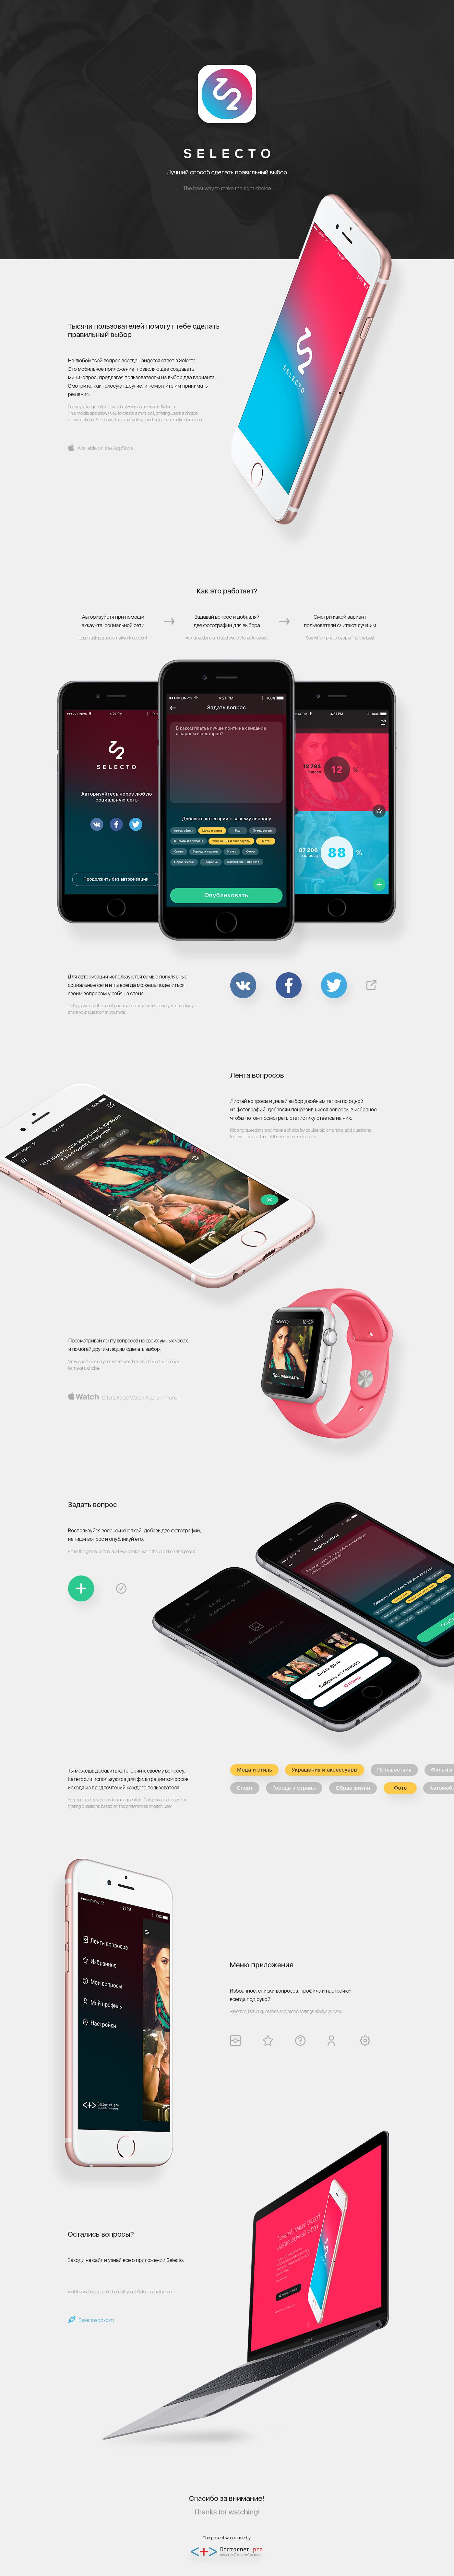 mobile app ios ux